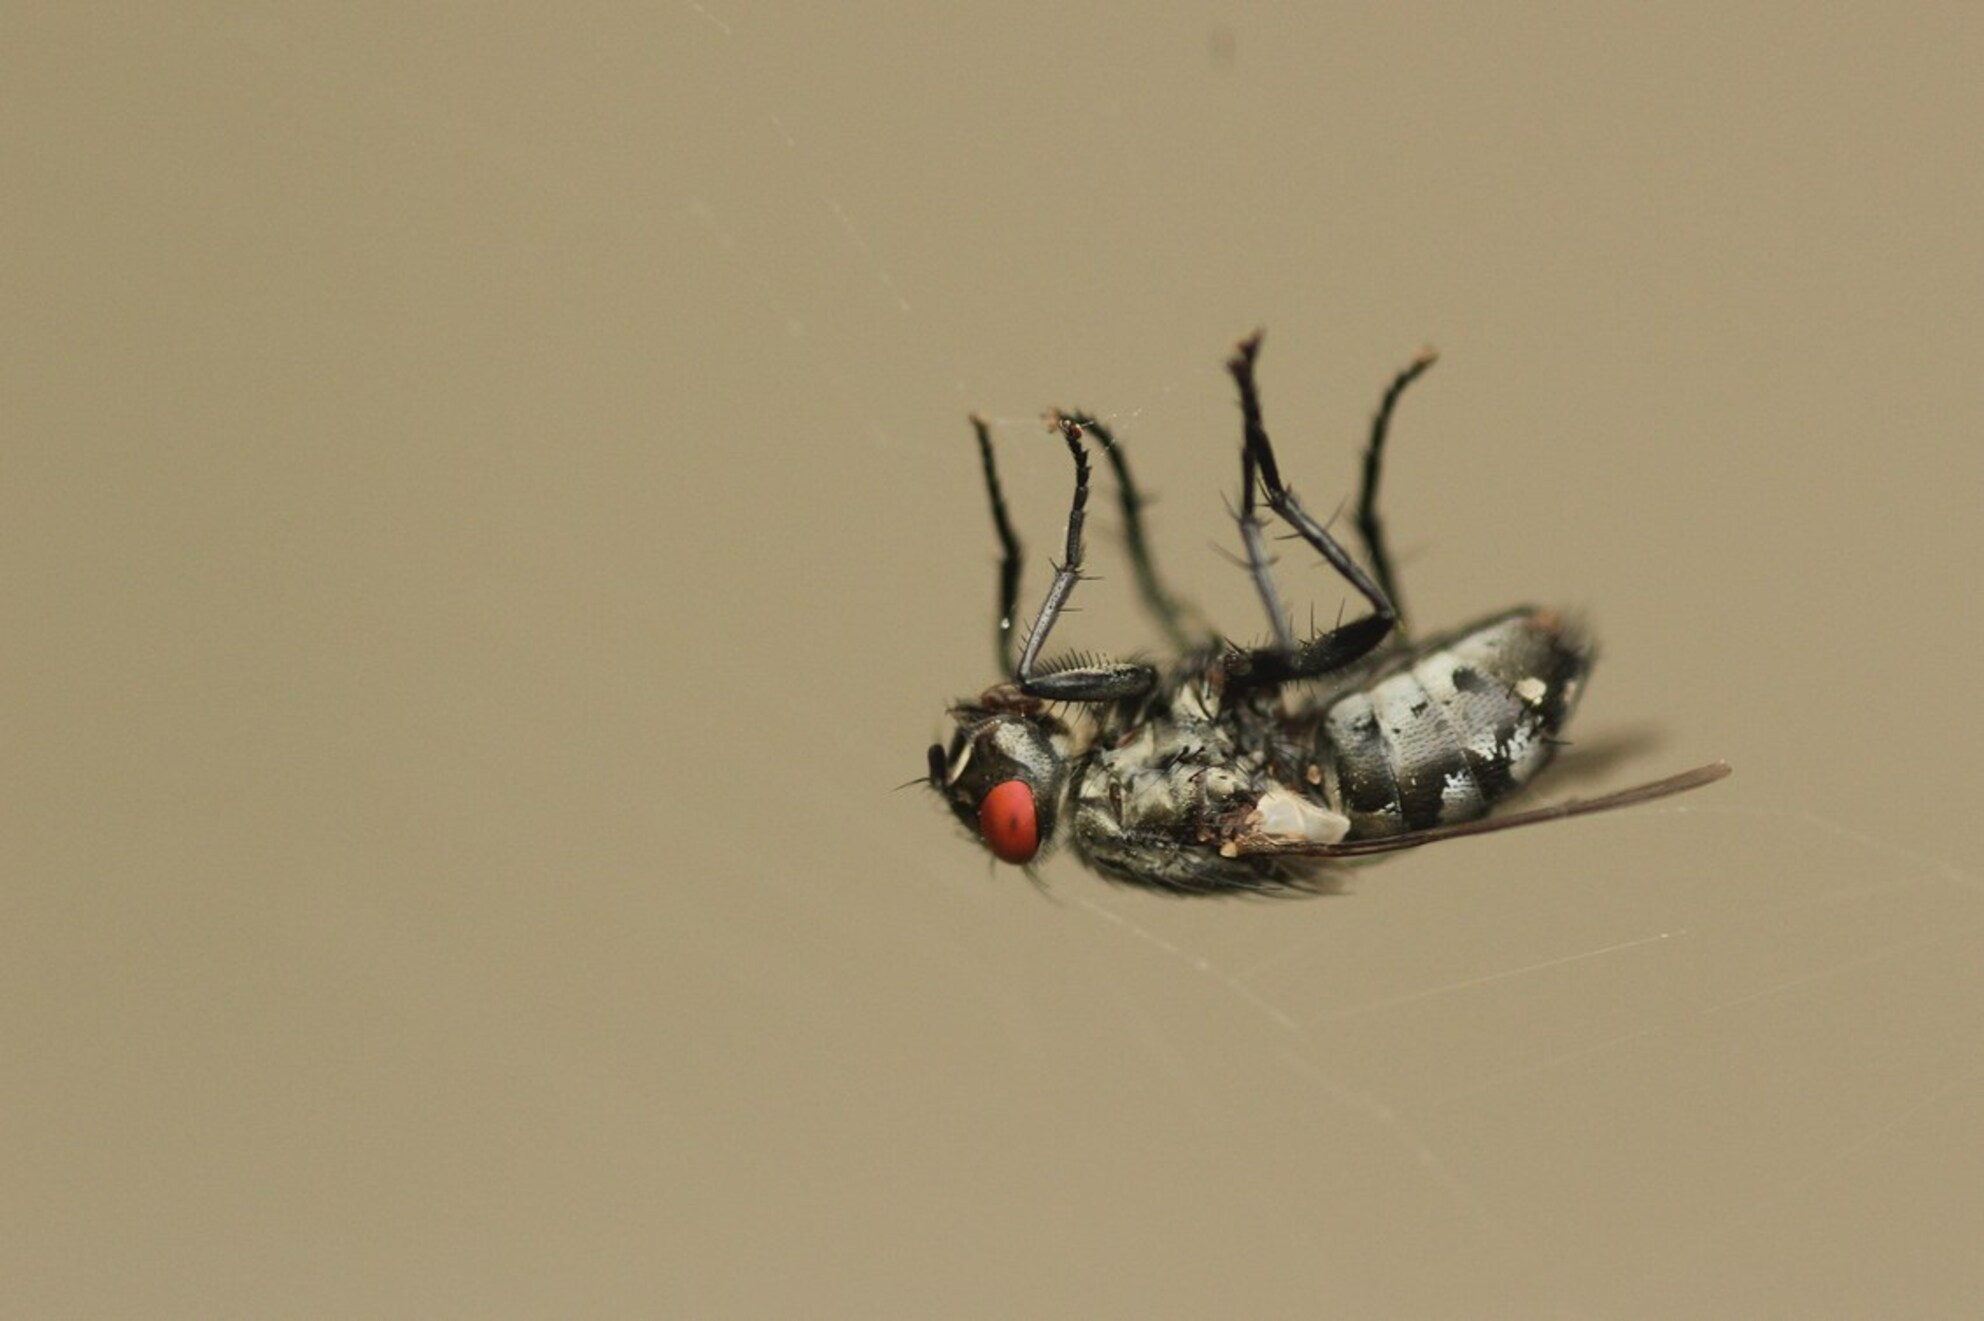 Daar hang ik dan... - ...klaar om opgegeten te worden. Afgelopen zaterdag vloog deze vlieg in een spinnenweb, na een aantal injecties van de spin hing hij er zo bij. Zo  - foto door kasoracing op 23-09-2013 - deze foto bevat: macro, natuur, vlieg, zeeland, andres, kasoracing